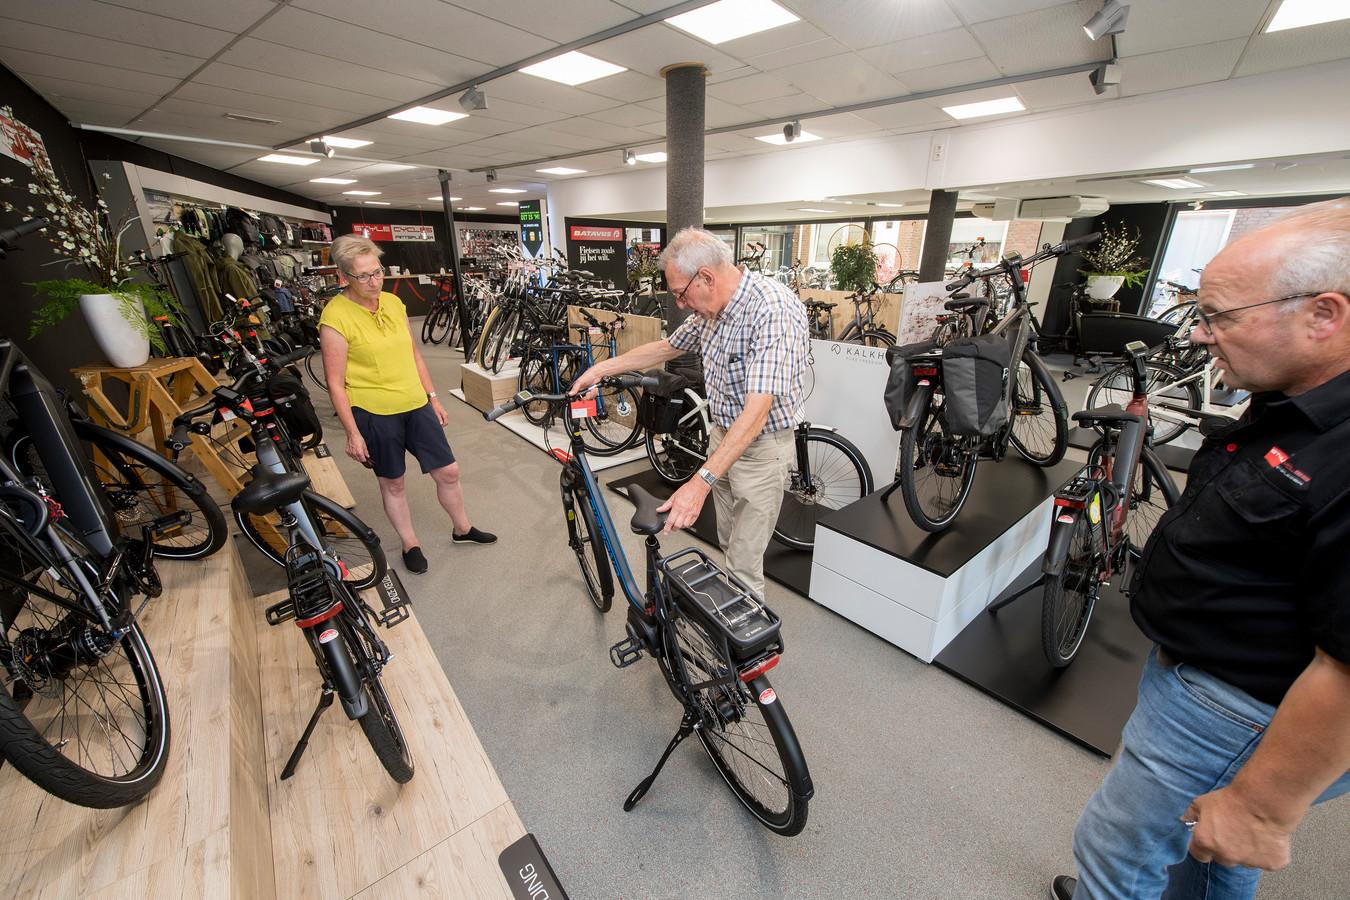 Wim van Baal van Style Cycles laat een elektrische fiets zien aan het echtpaar Henny en Chris de Wit uit Tiel.